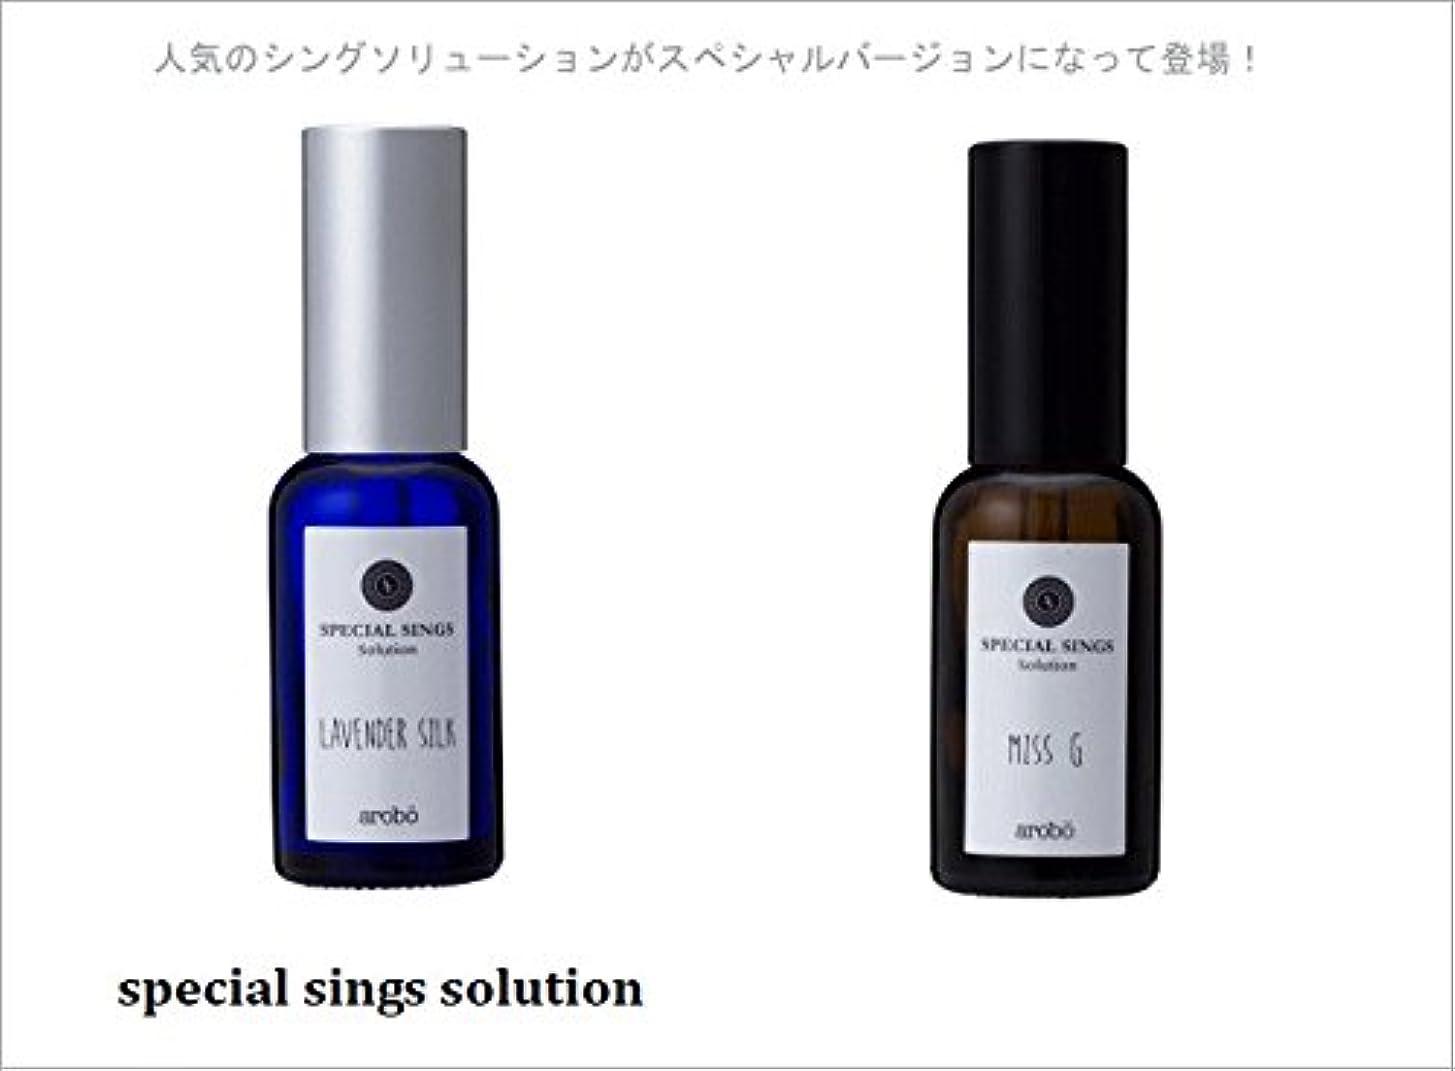 殺しますオートマトンめるarobo(アロボ) 専用ソリューション CLV- 831 Lavender Silk